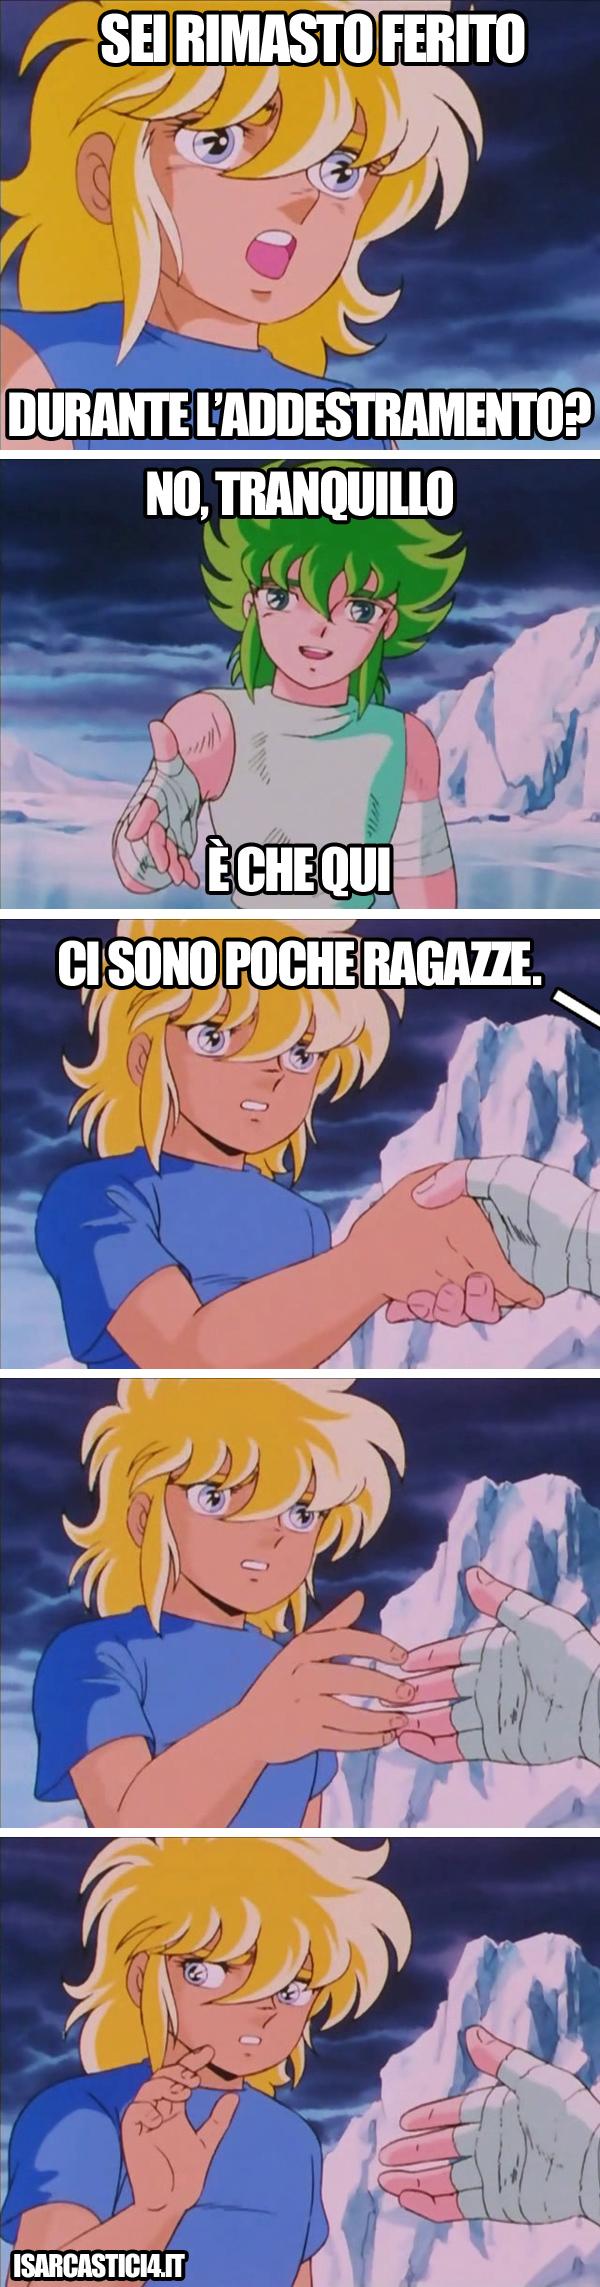 Cavalieri dello zodiaco meme ita - Tranquillo!